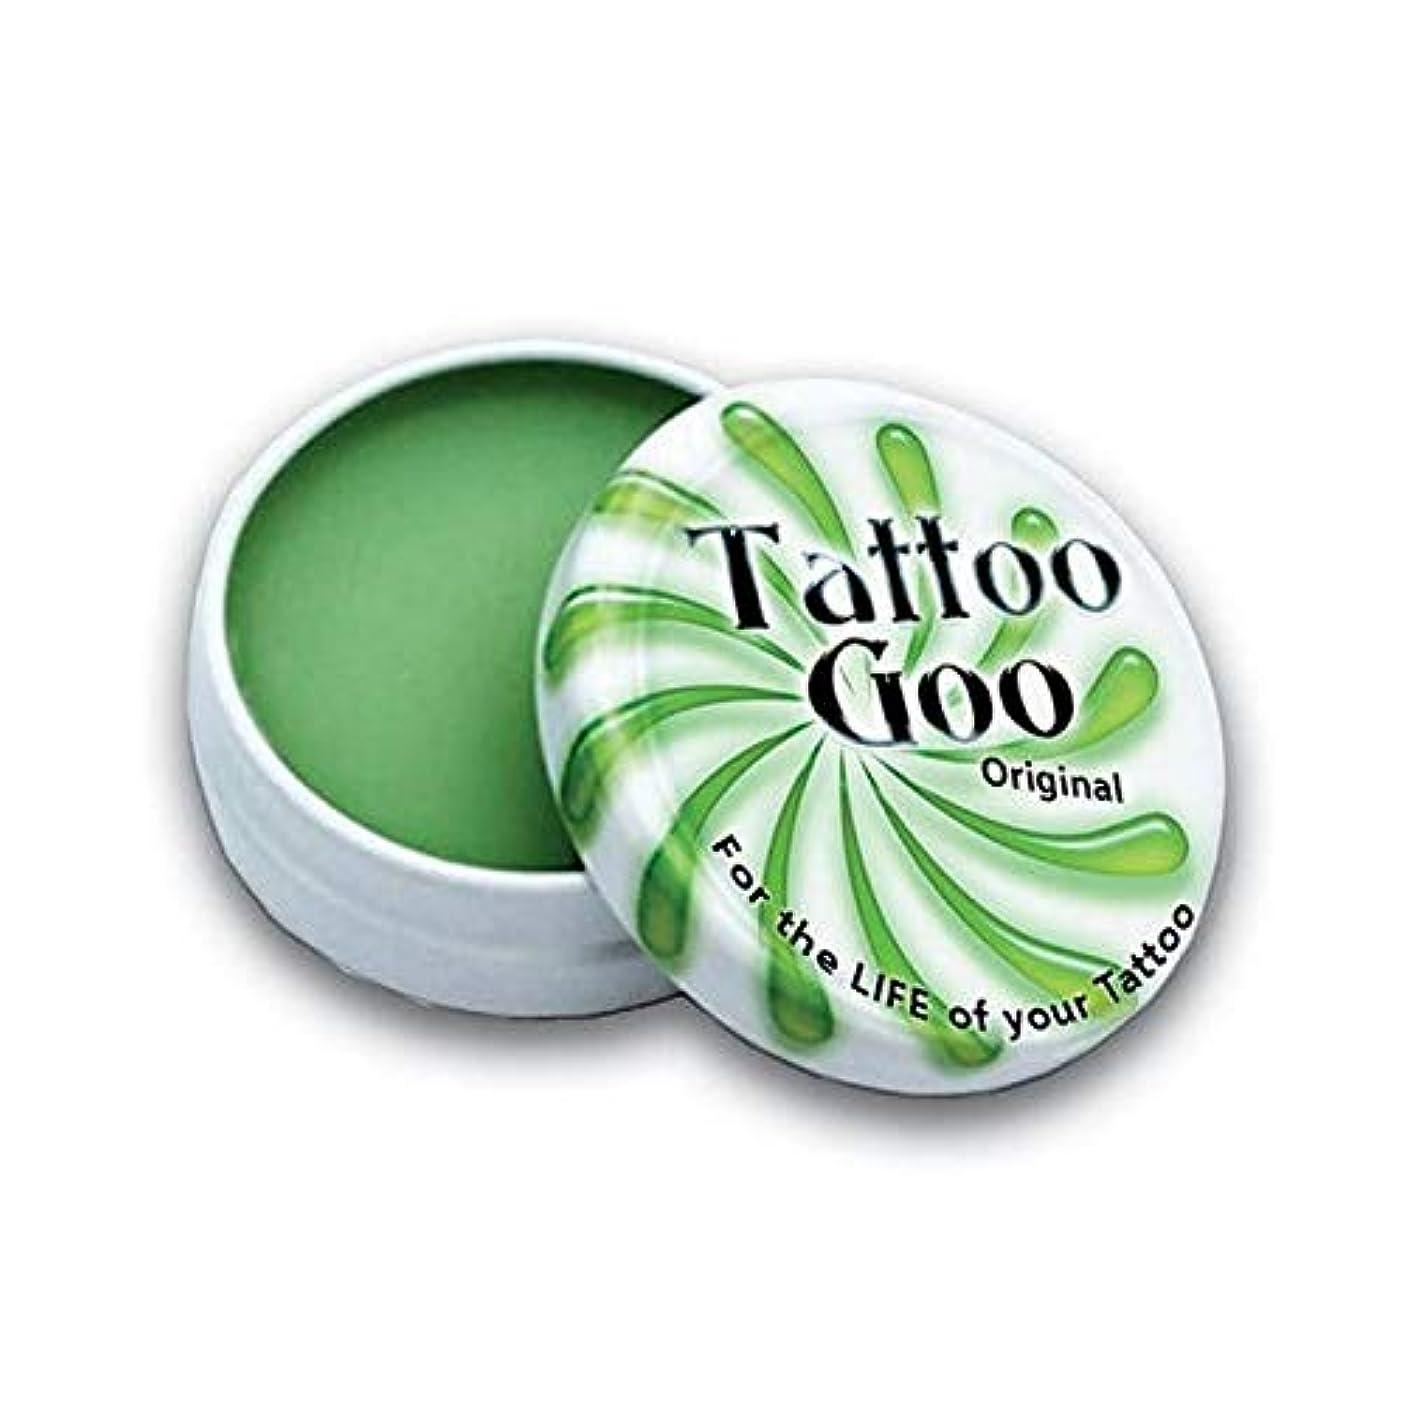 [Tattoo Goo ] タトゥーグー?3/4オンスオリジナル錫 - Tattoo Goo ? 3/4oz Original Tin [並行輸入品]